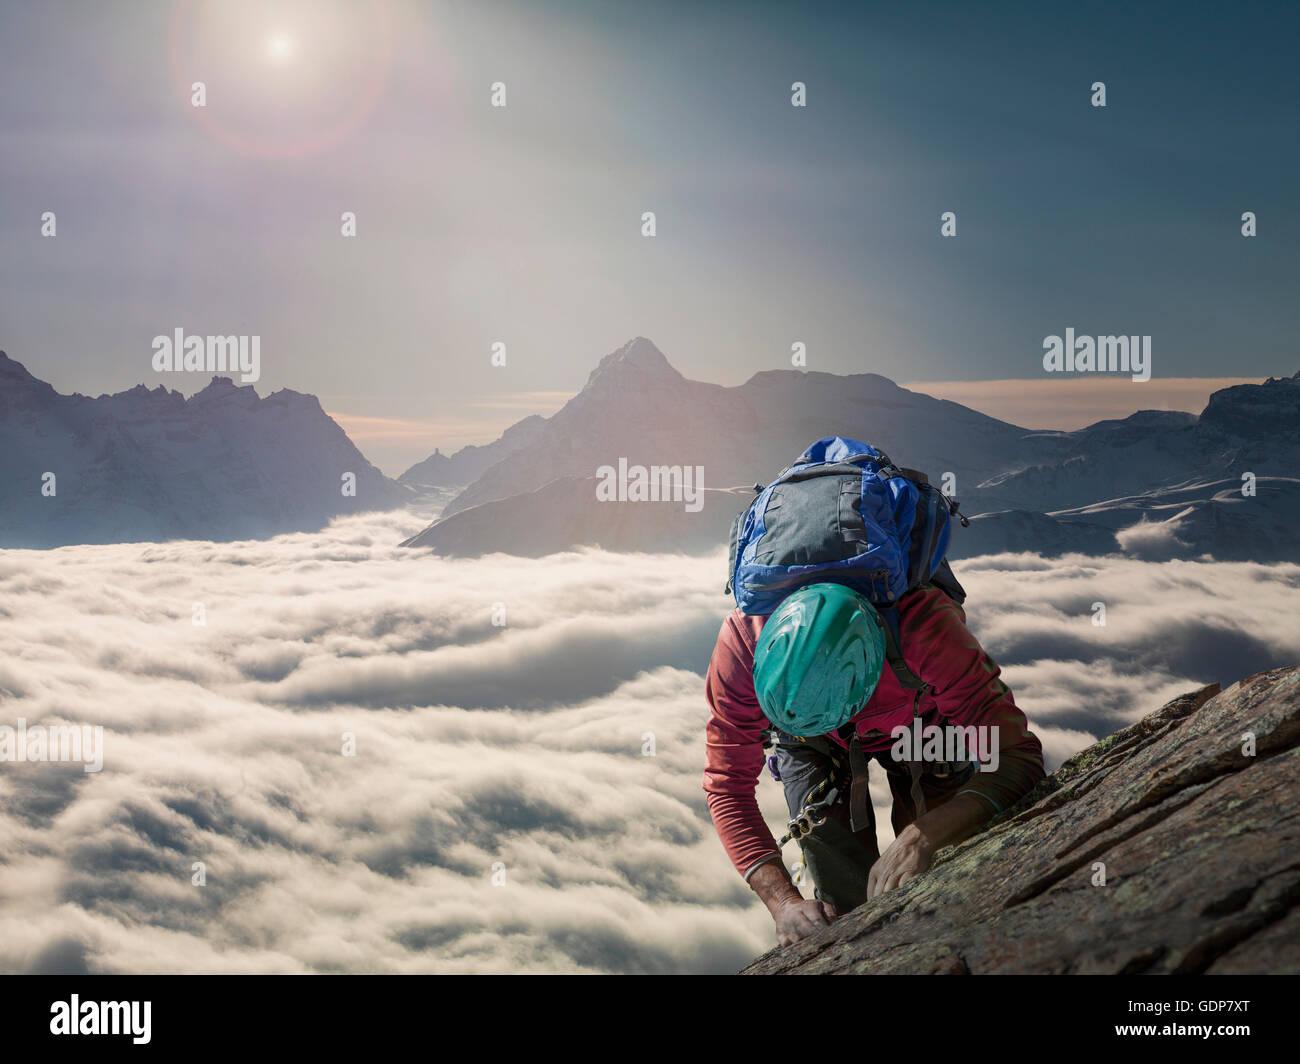 Escalador en una pared rocosa sobre un mar de niebla, en un valle alpino, Alpes, Cantón Wallis, Suiza Imagen De Stock